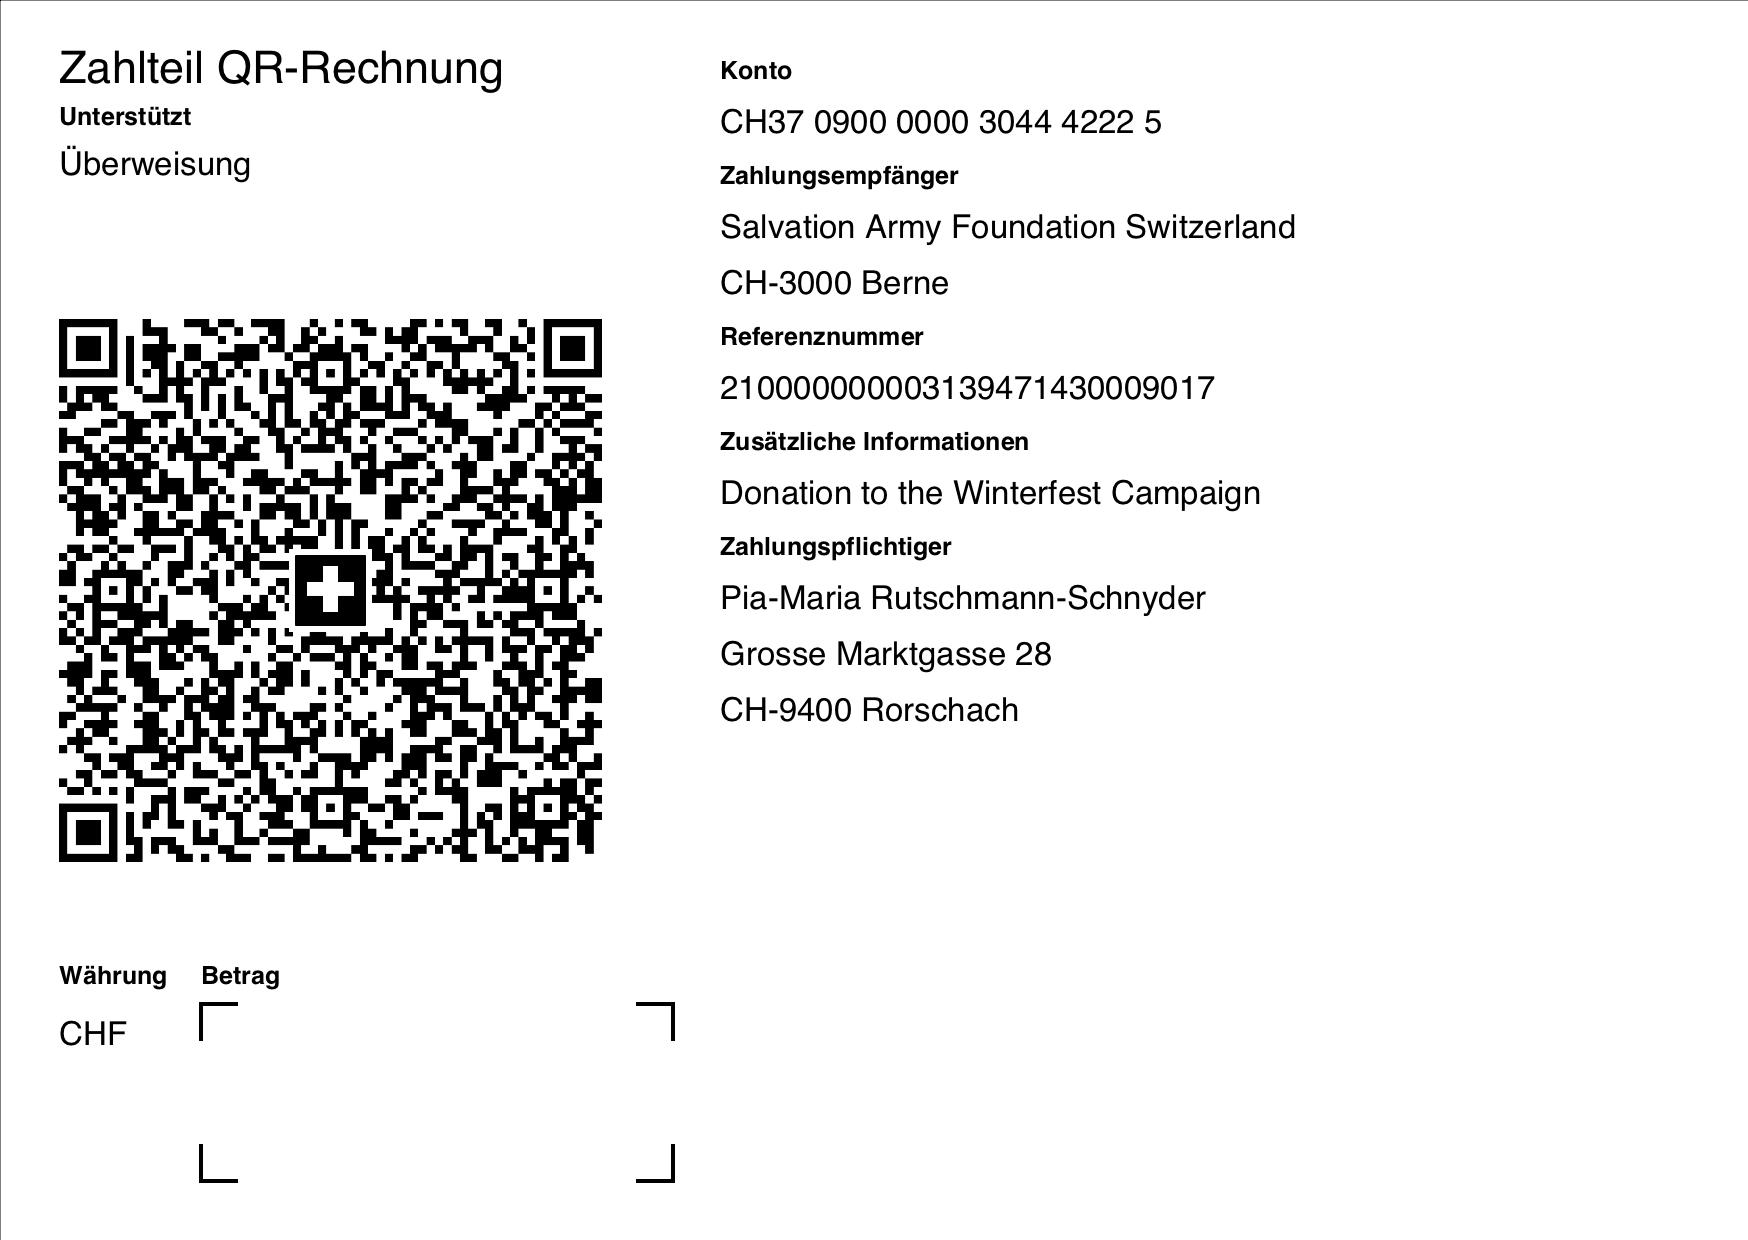 ISO-20022 QR Code Rechnung ohne Referenz, Betrag mit Zahlungspflichtiger